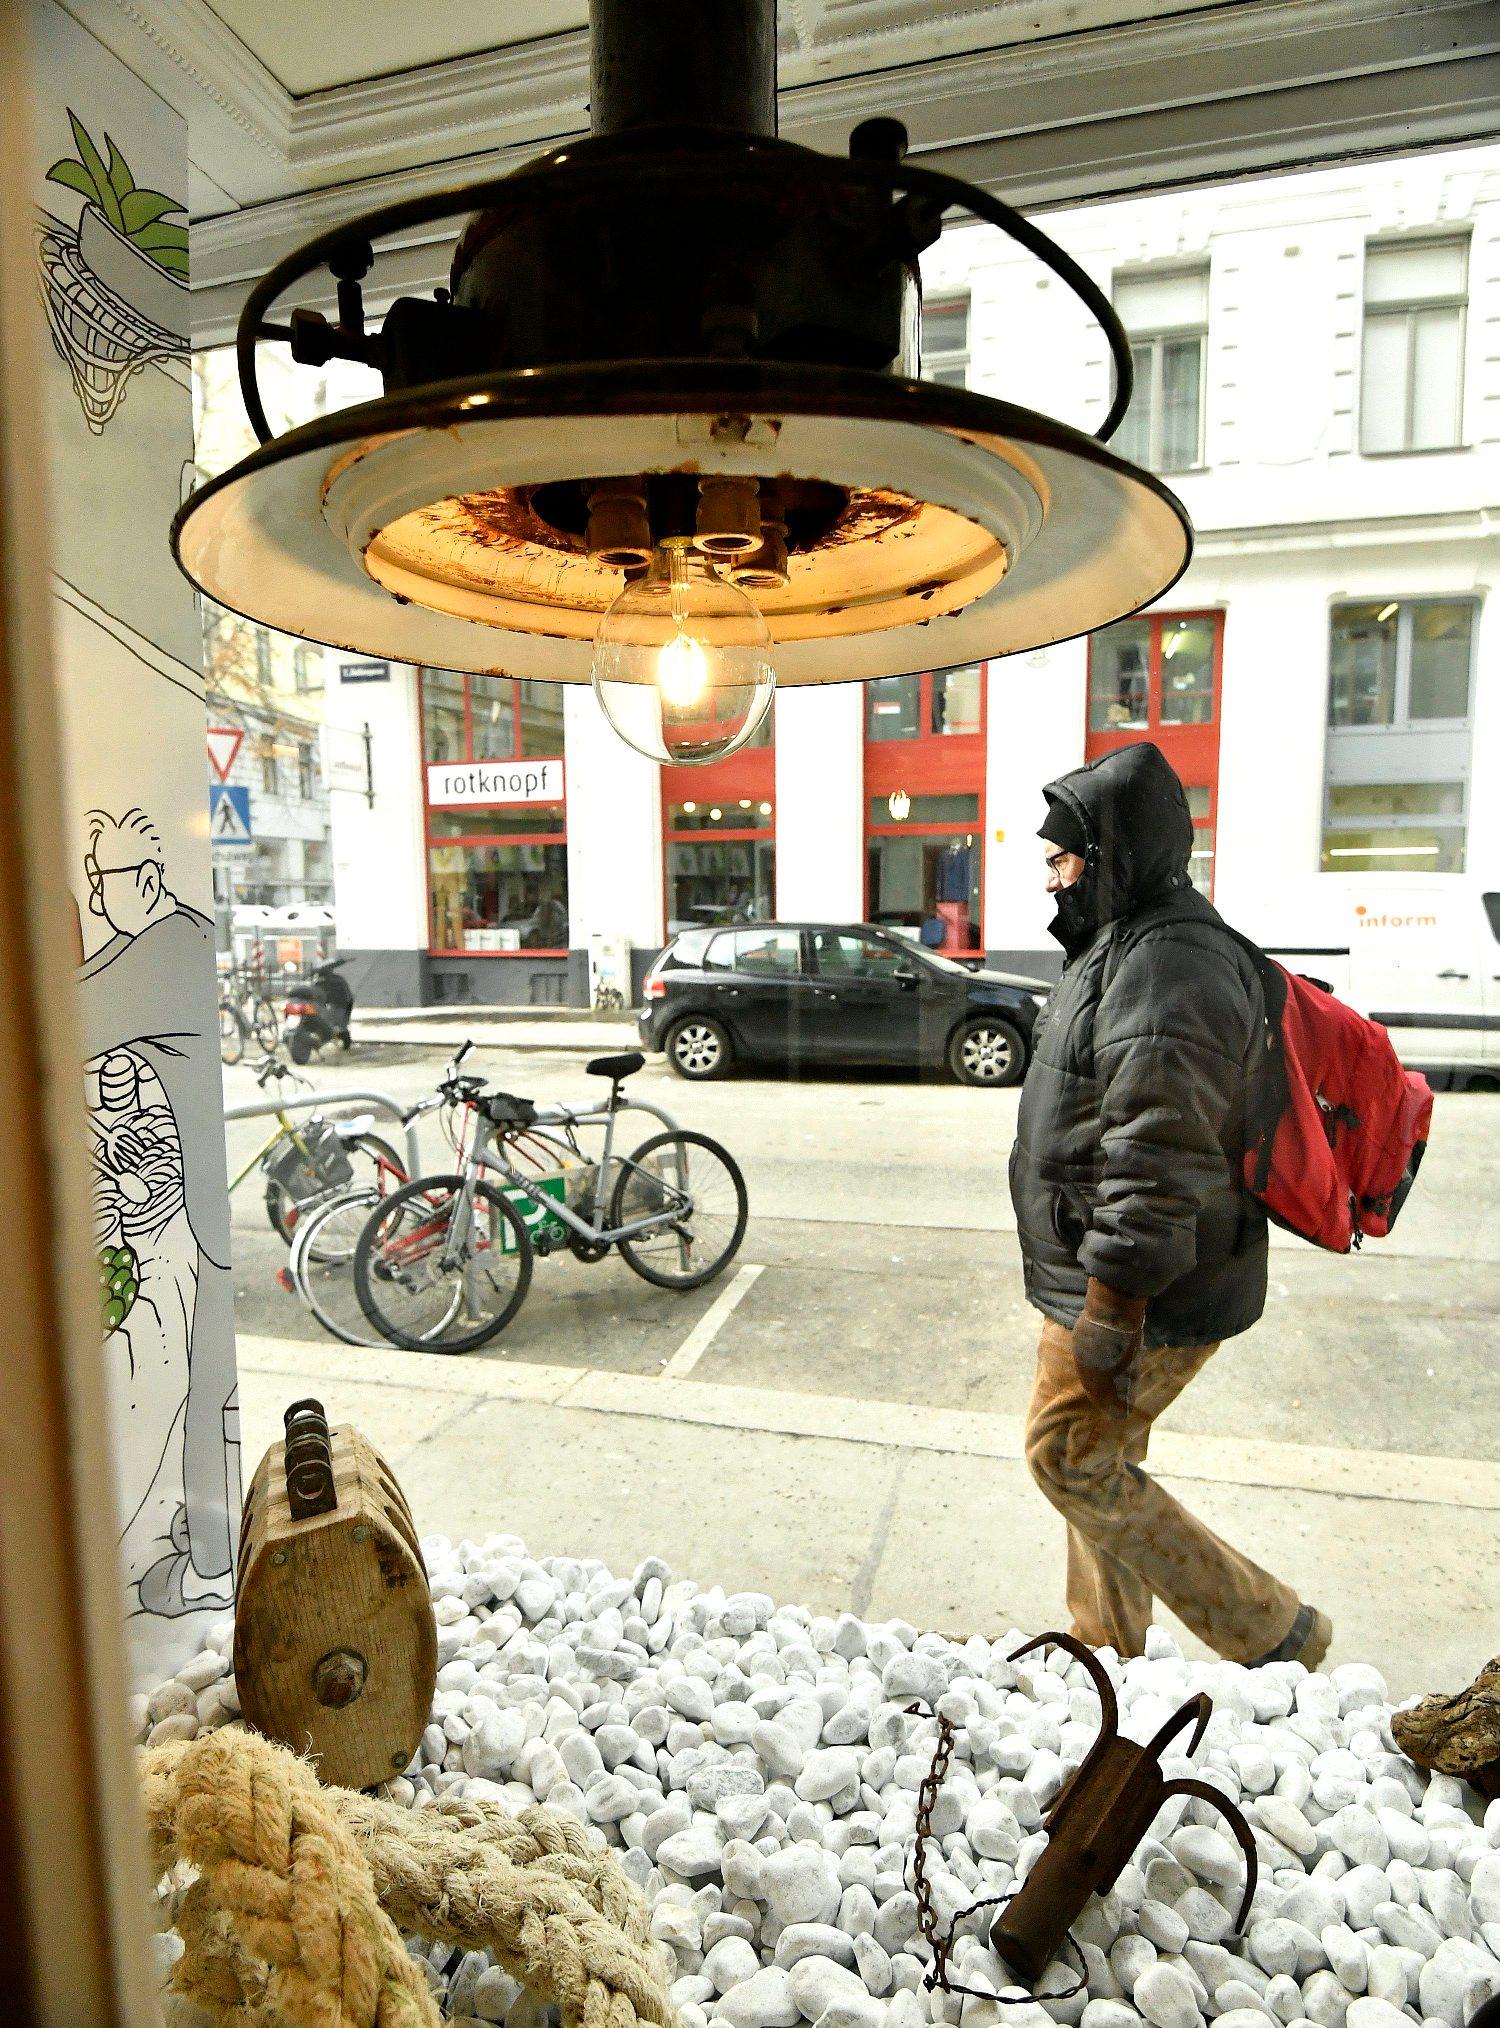 Bec, Austrija, 250119. Zollergasse 12. Gastro fisch Brac, novootvorena trgovina sa svjezom i zamrznutom ribom i plodovima mora te hrvatskim delikatesama u centru Beca. Na fotografiji: izlog trgovine. Foto: Ronald Gorsic / CROPIX